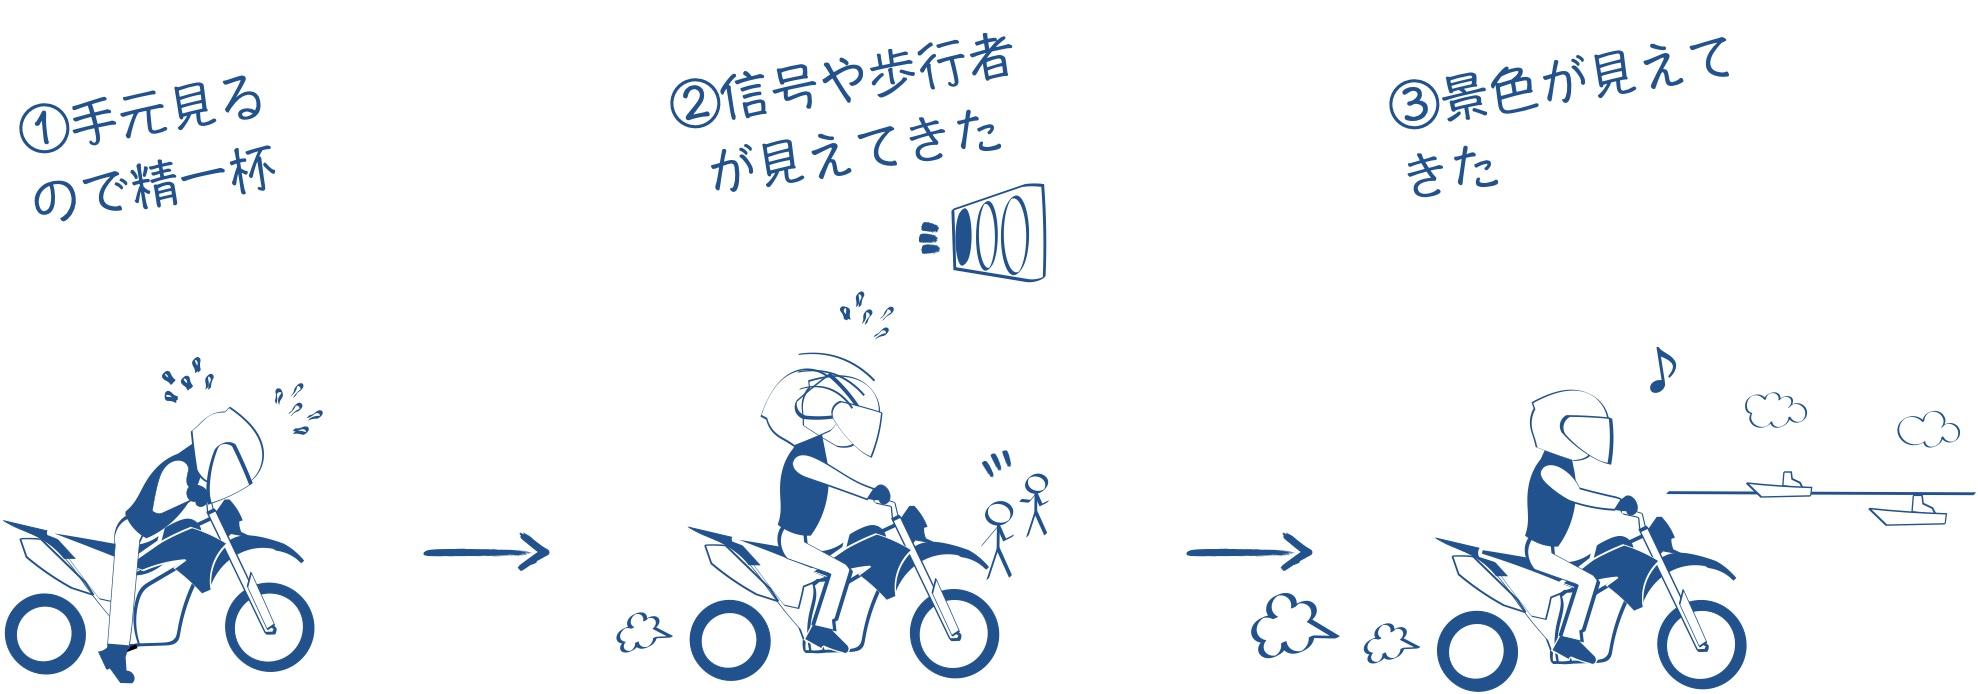 バイクが上手くなると見える景色がかわってくるの図